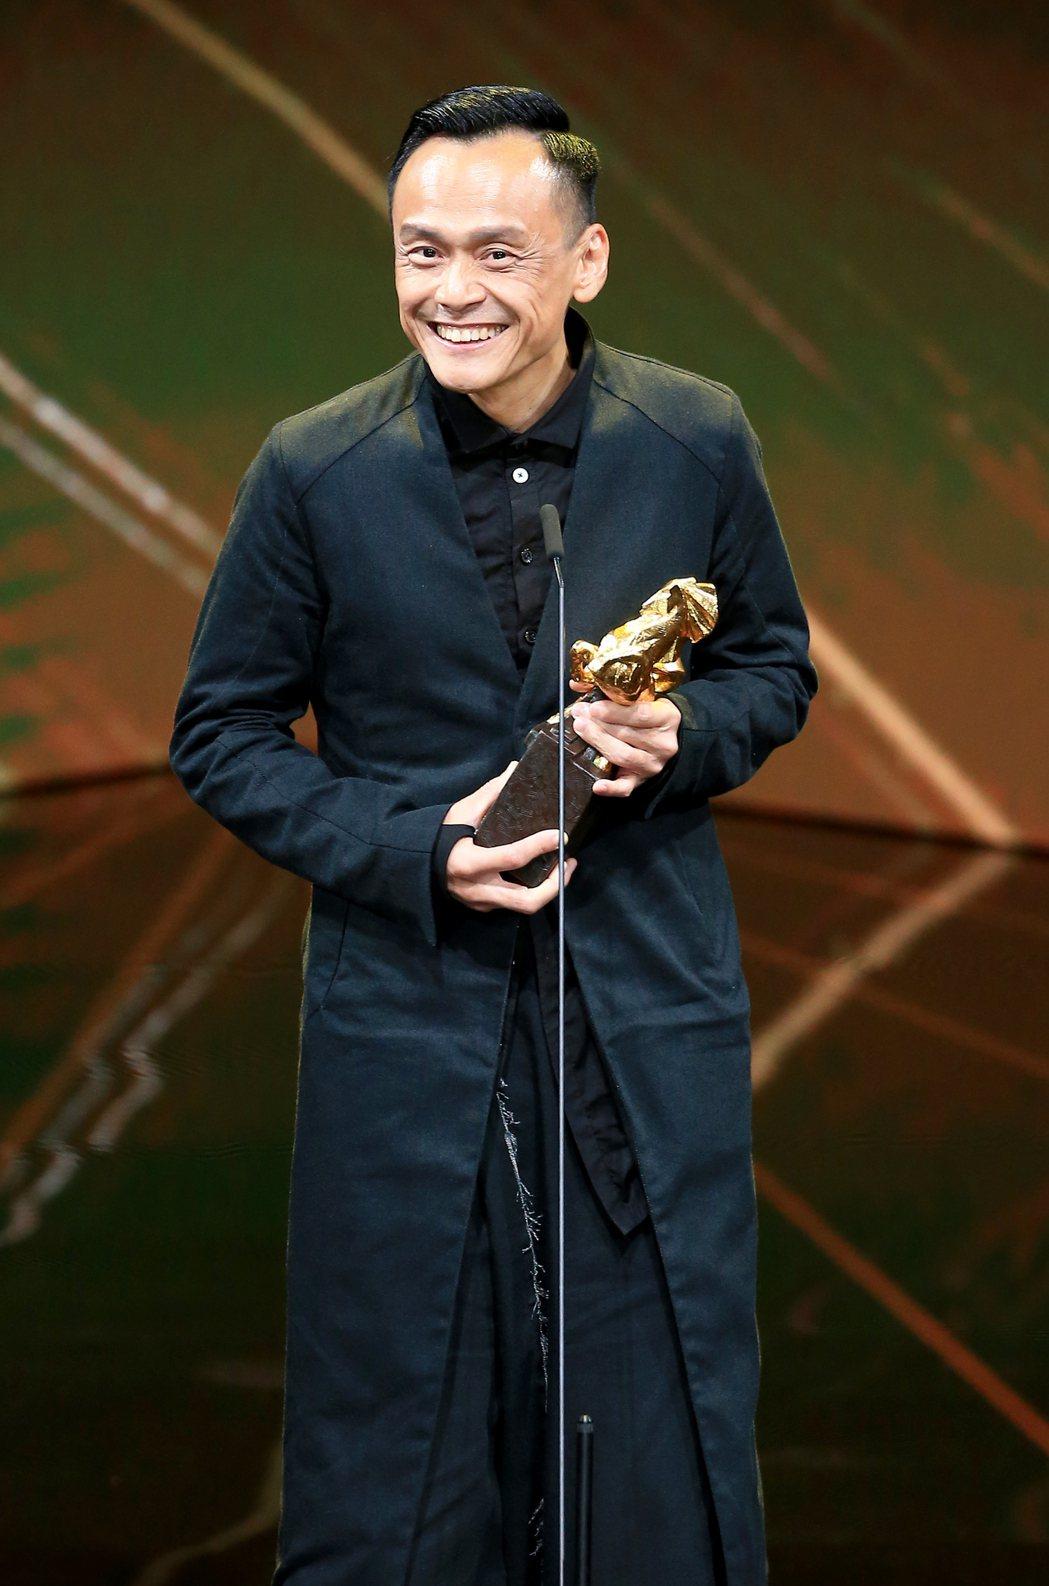 第56屆金馬獎頒獎典禮,陳以文以陽光普照獲頒最佳男主角獎。記者林伯東/攝影